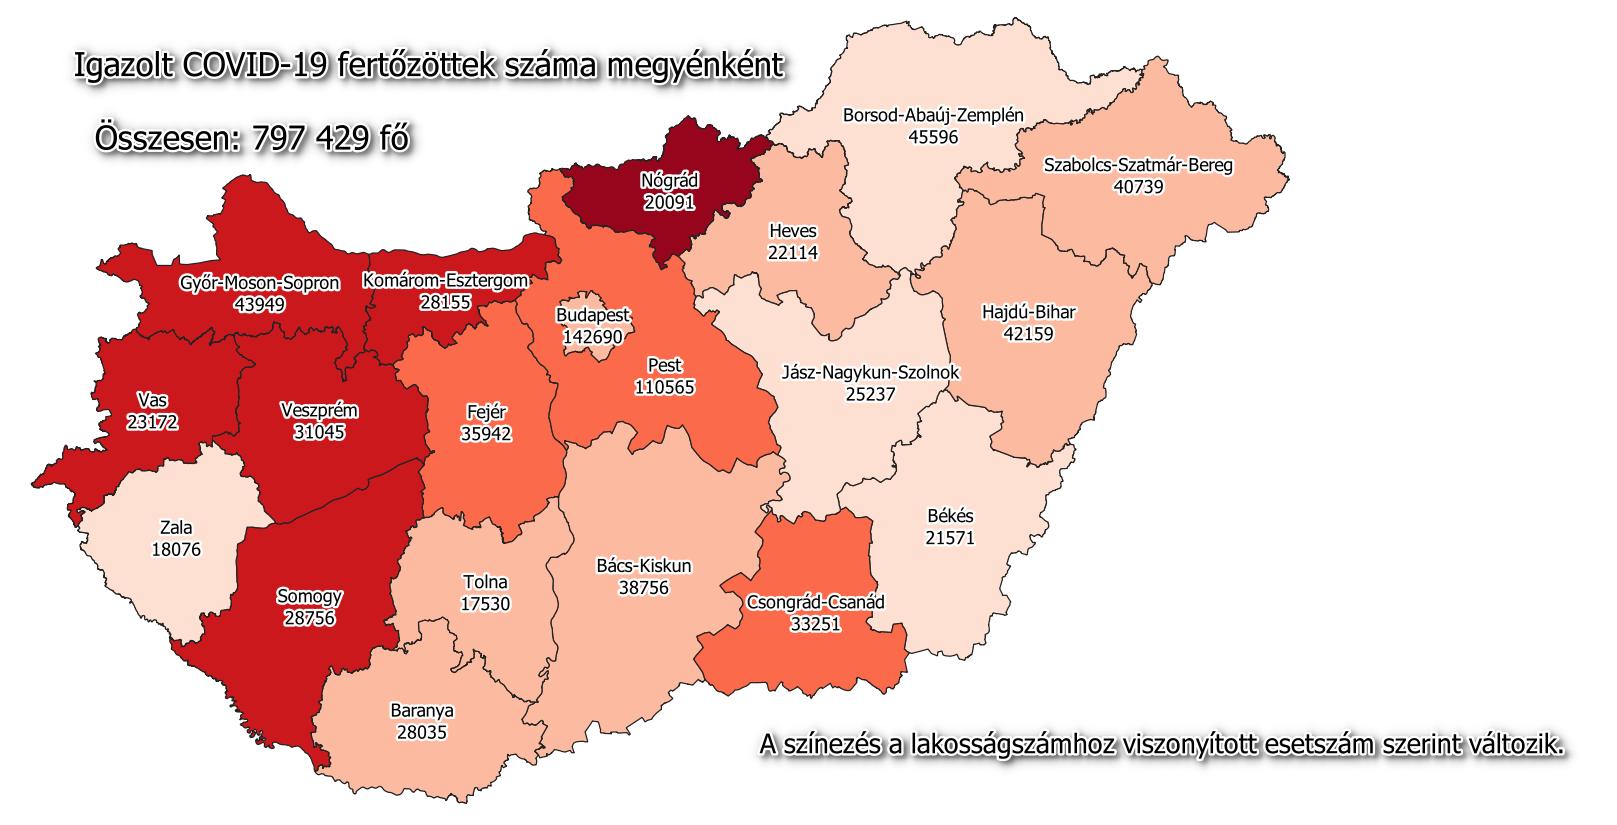 Coronavirus map Hungary